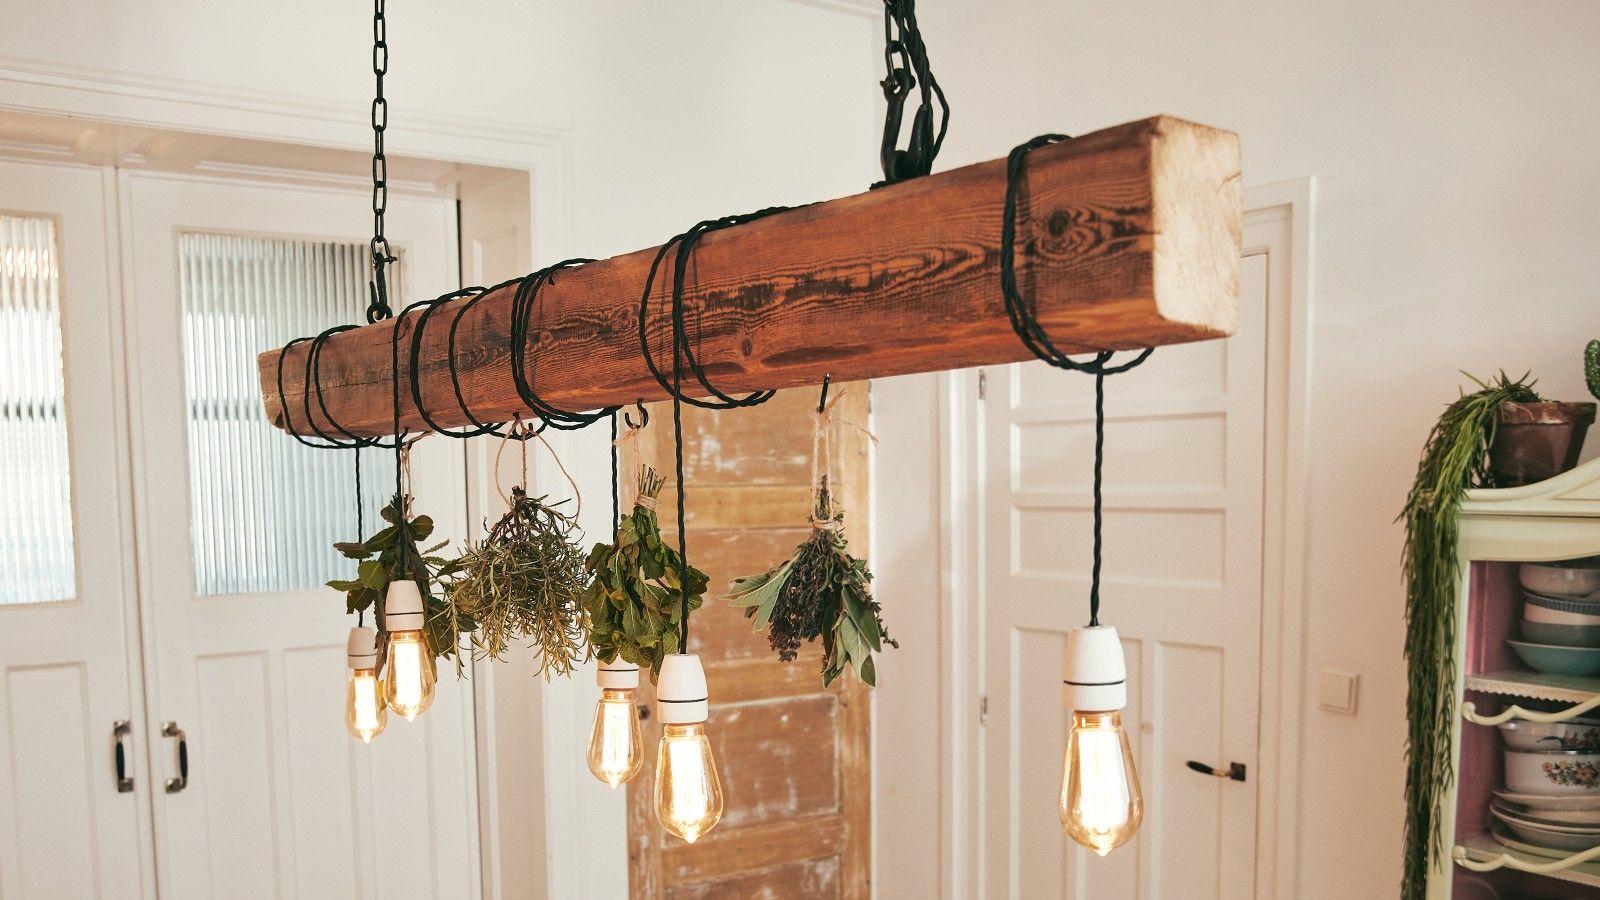 Photo of Deckenlampe zum selber bauen: Dieser Holzbalken sorgt für Licht auf dem Esstisch | Bosch DIY